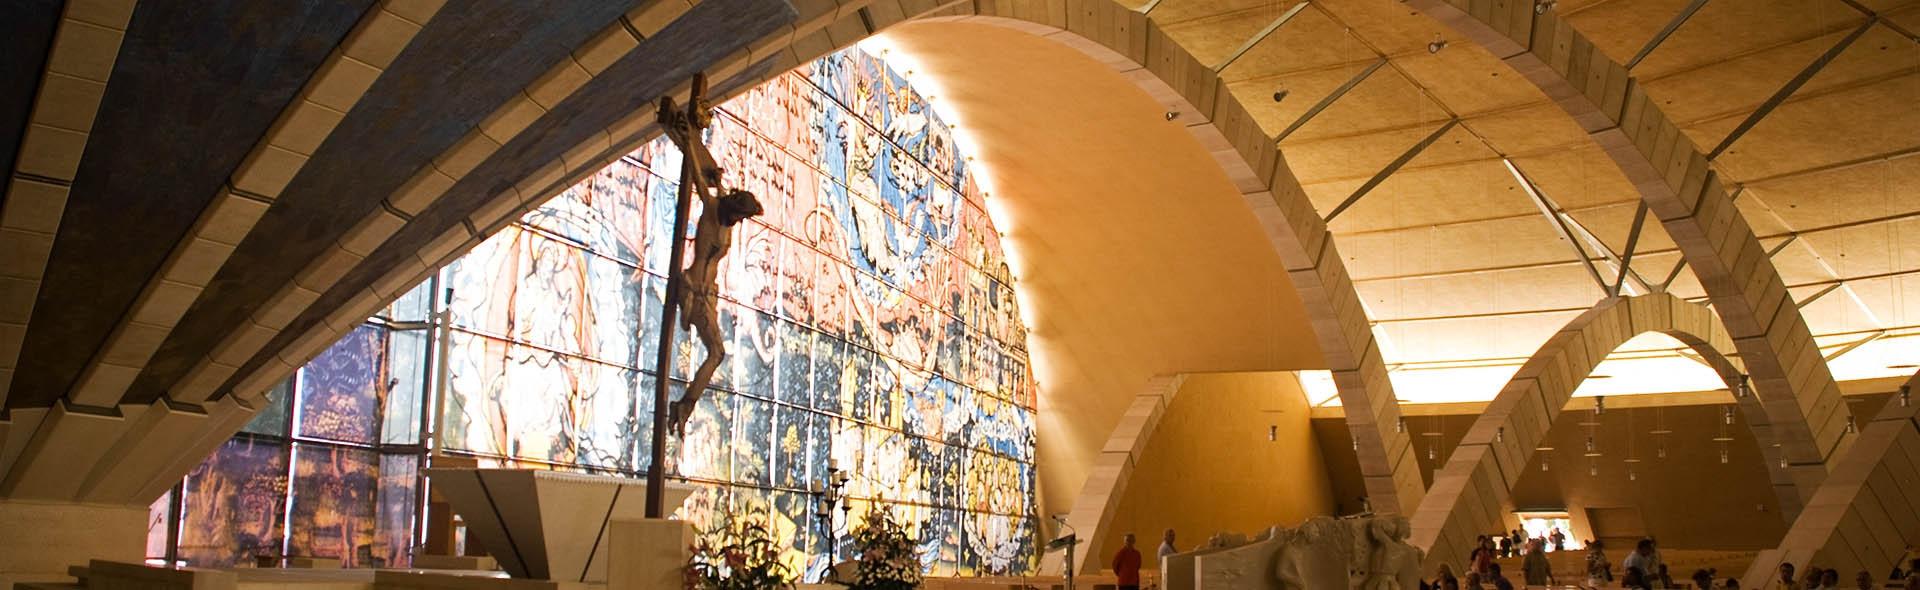 Pellegrinaggio Padre Pio dal Nord in Pullman Giugno